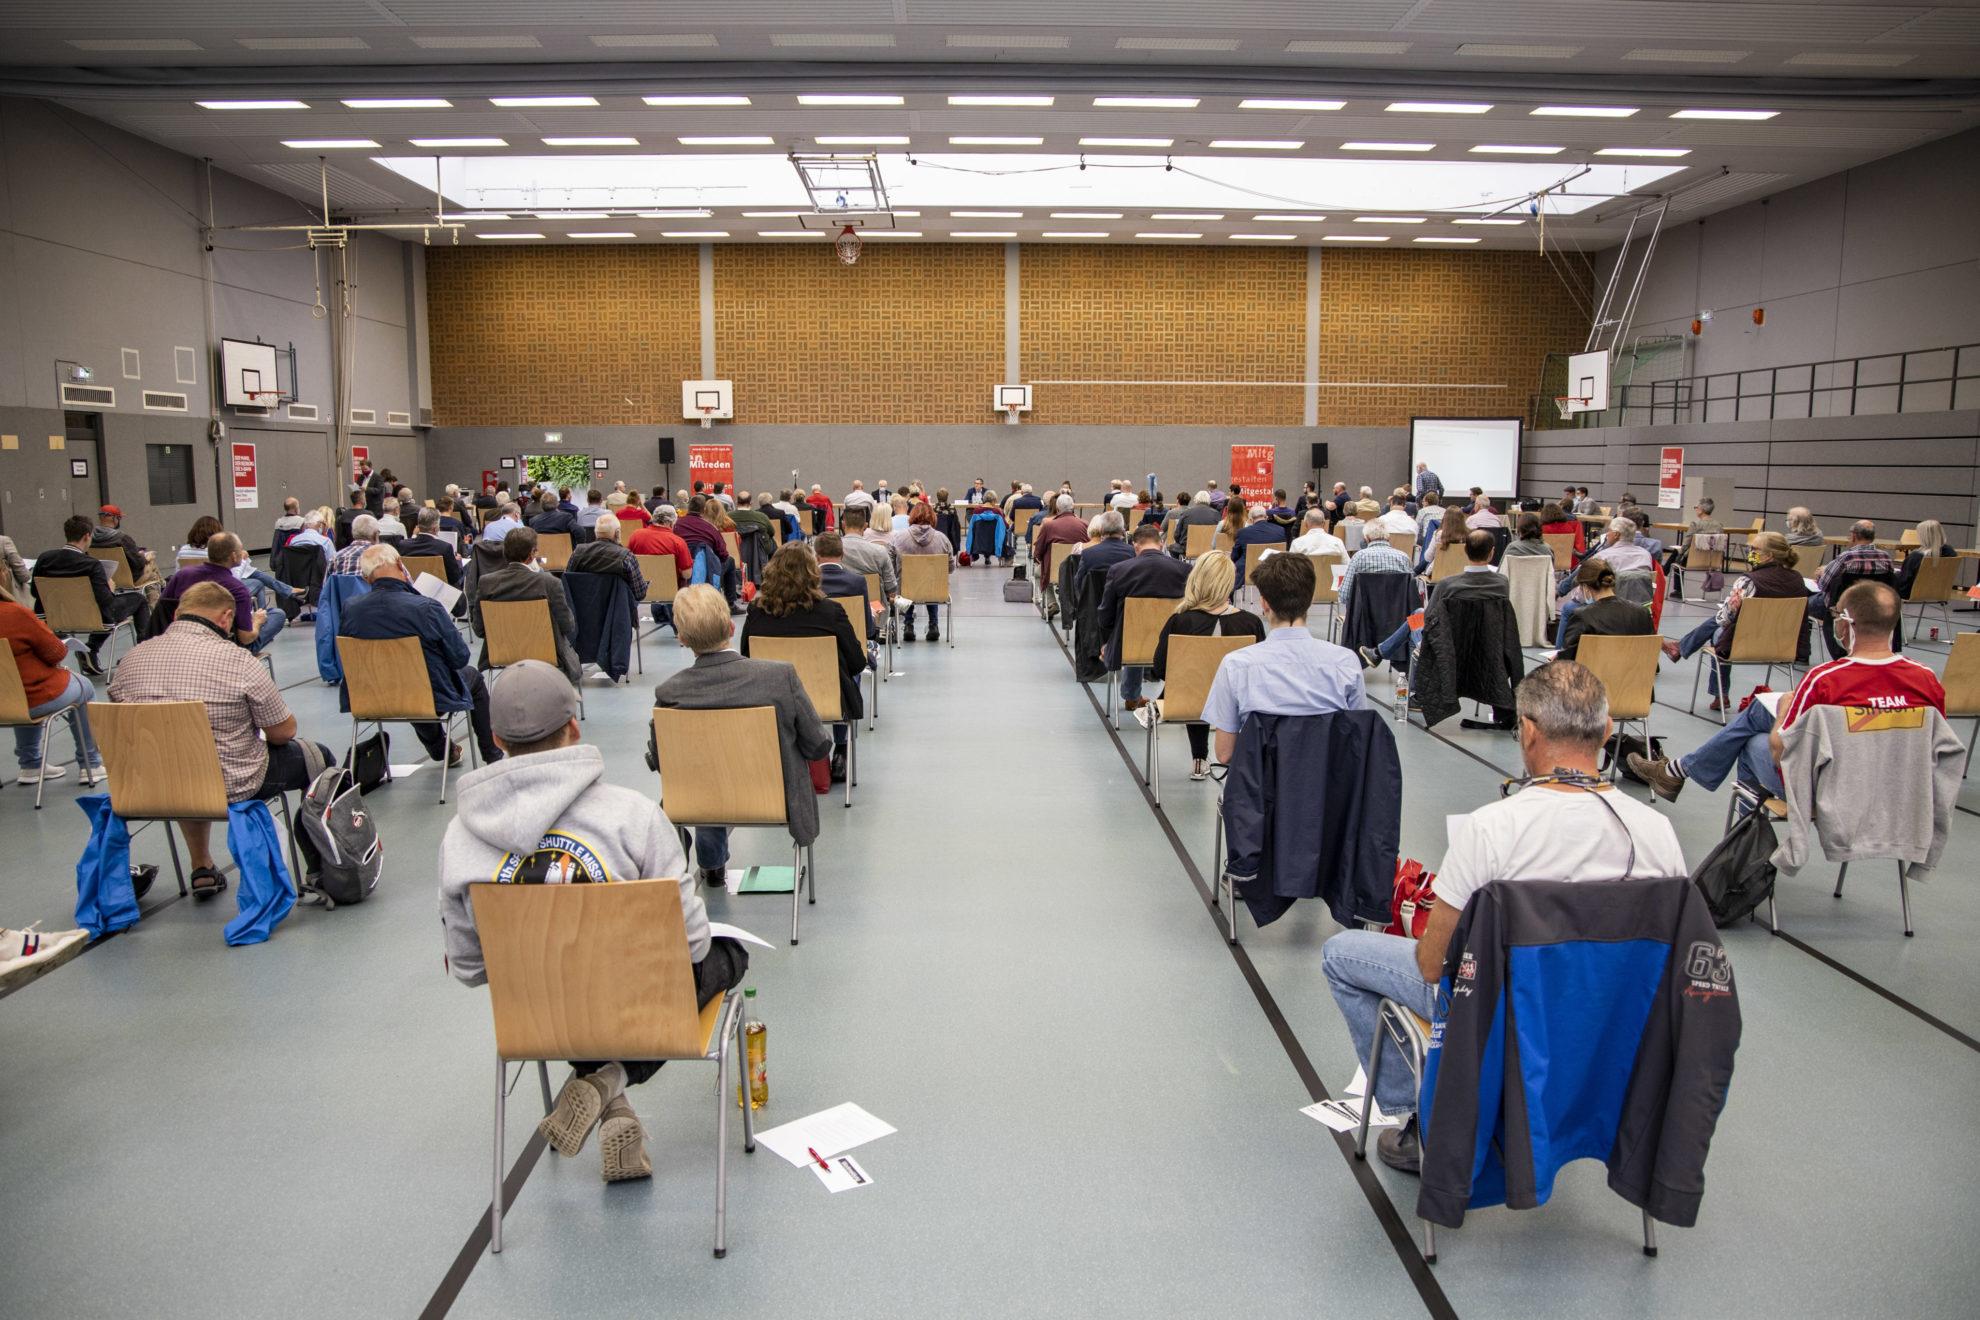 Ansicht der gefüllten Turnhalle in Richtung Sitzungsleitung, alle auf Abstand